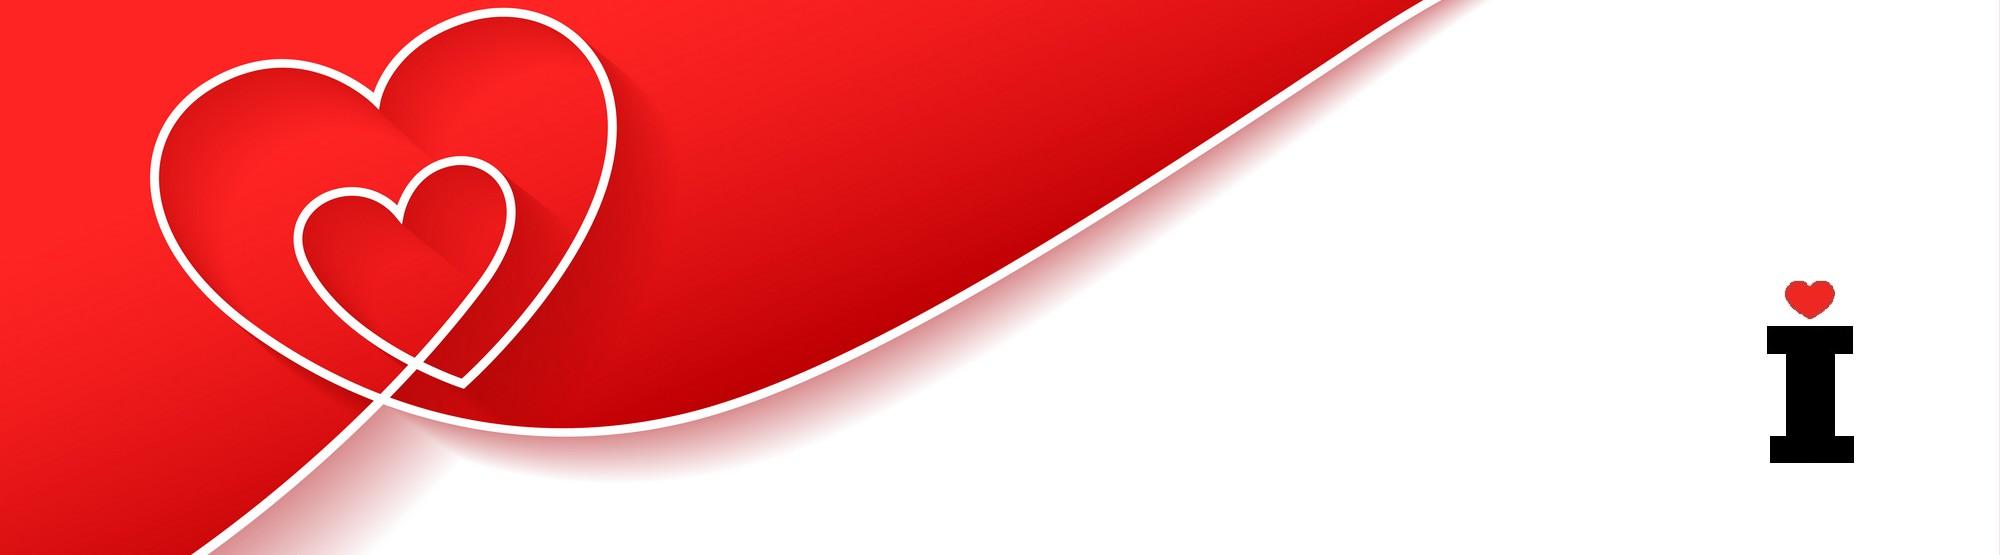 http://infomiks.si/wp-content/uploads/2018/12/logo-jesen.jpg